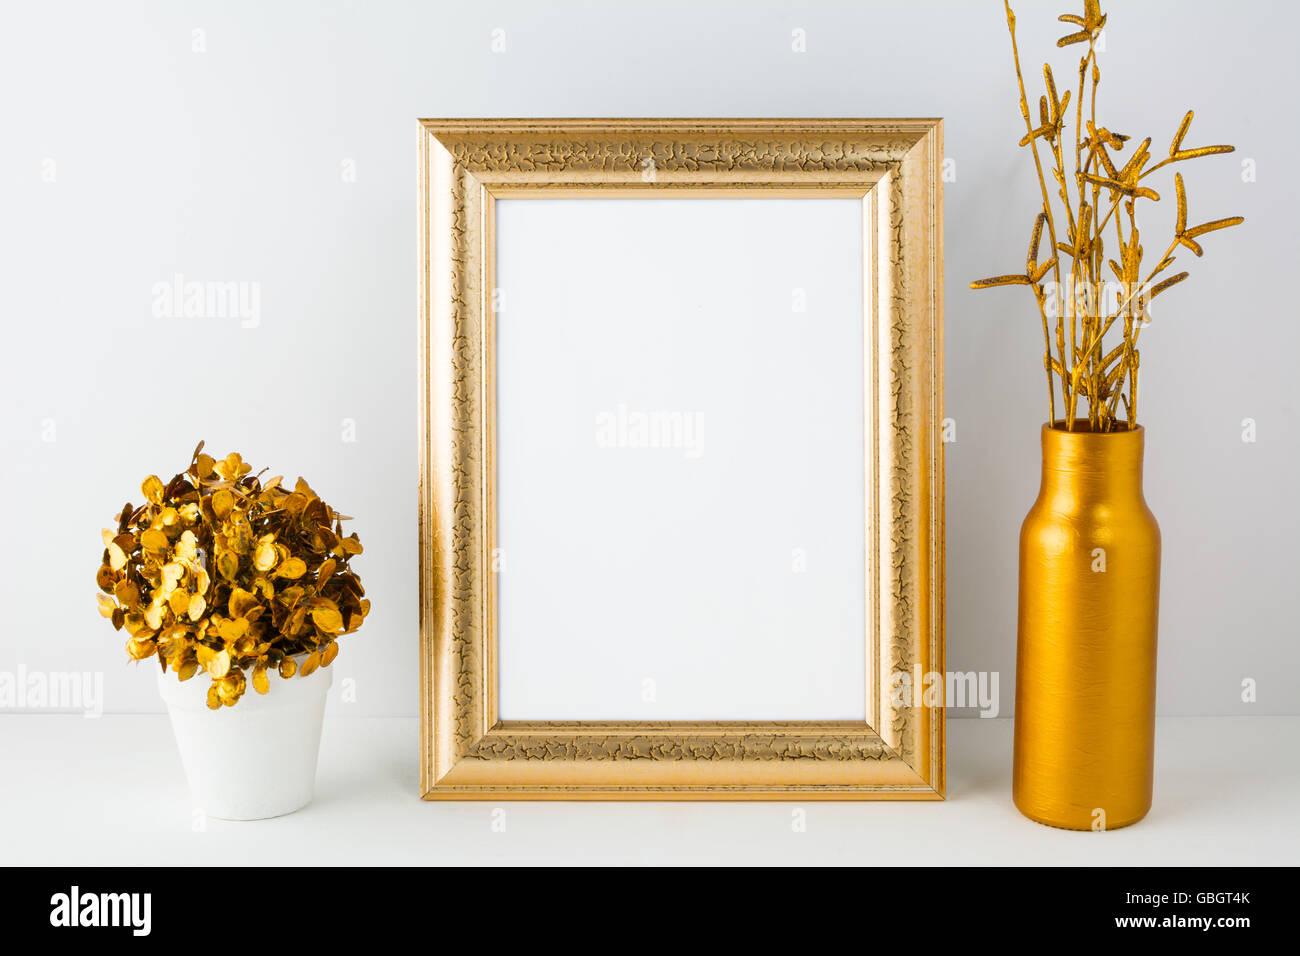 e9285b473614 Frame mockup with golden vase. Frame mockup. Gold frame mockup. Poster  Mockup. Styled mockup. Portrait frame mockup. Product moc